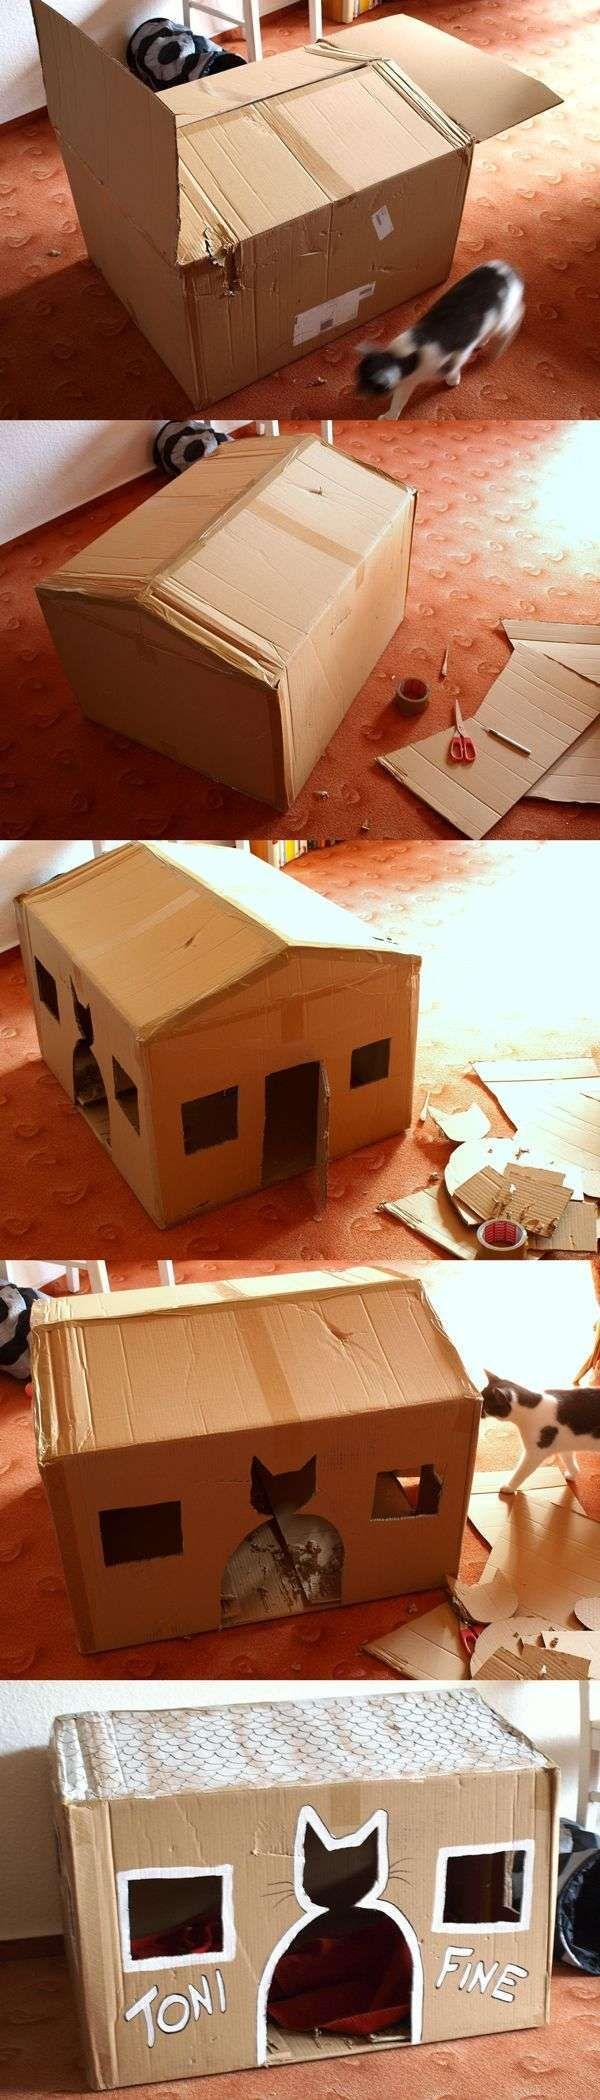 les 25 meilleures id es de la cat gorie maquette maison sur pinterest maquette de maison. Black Bedroom Furniture Sets. Home Design Ideas